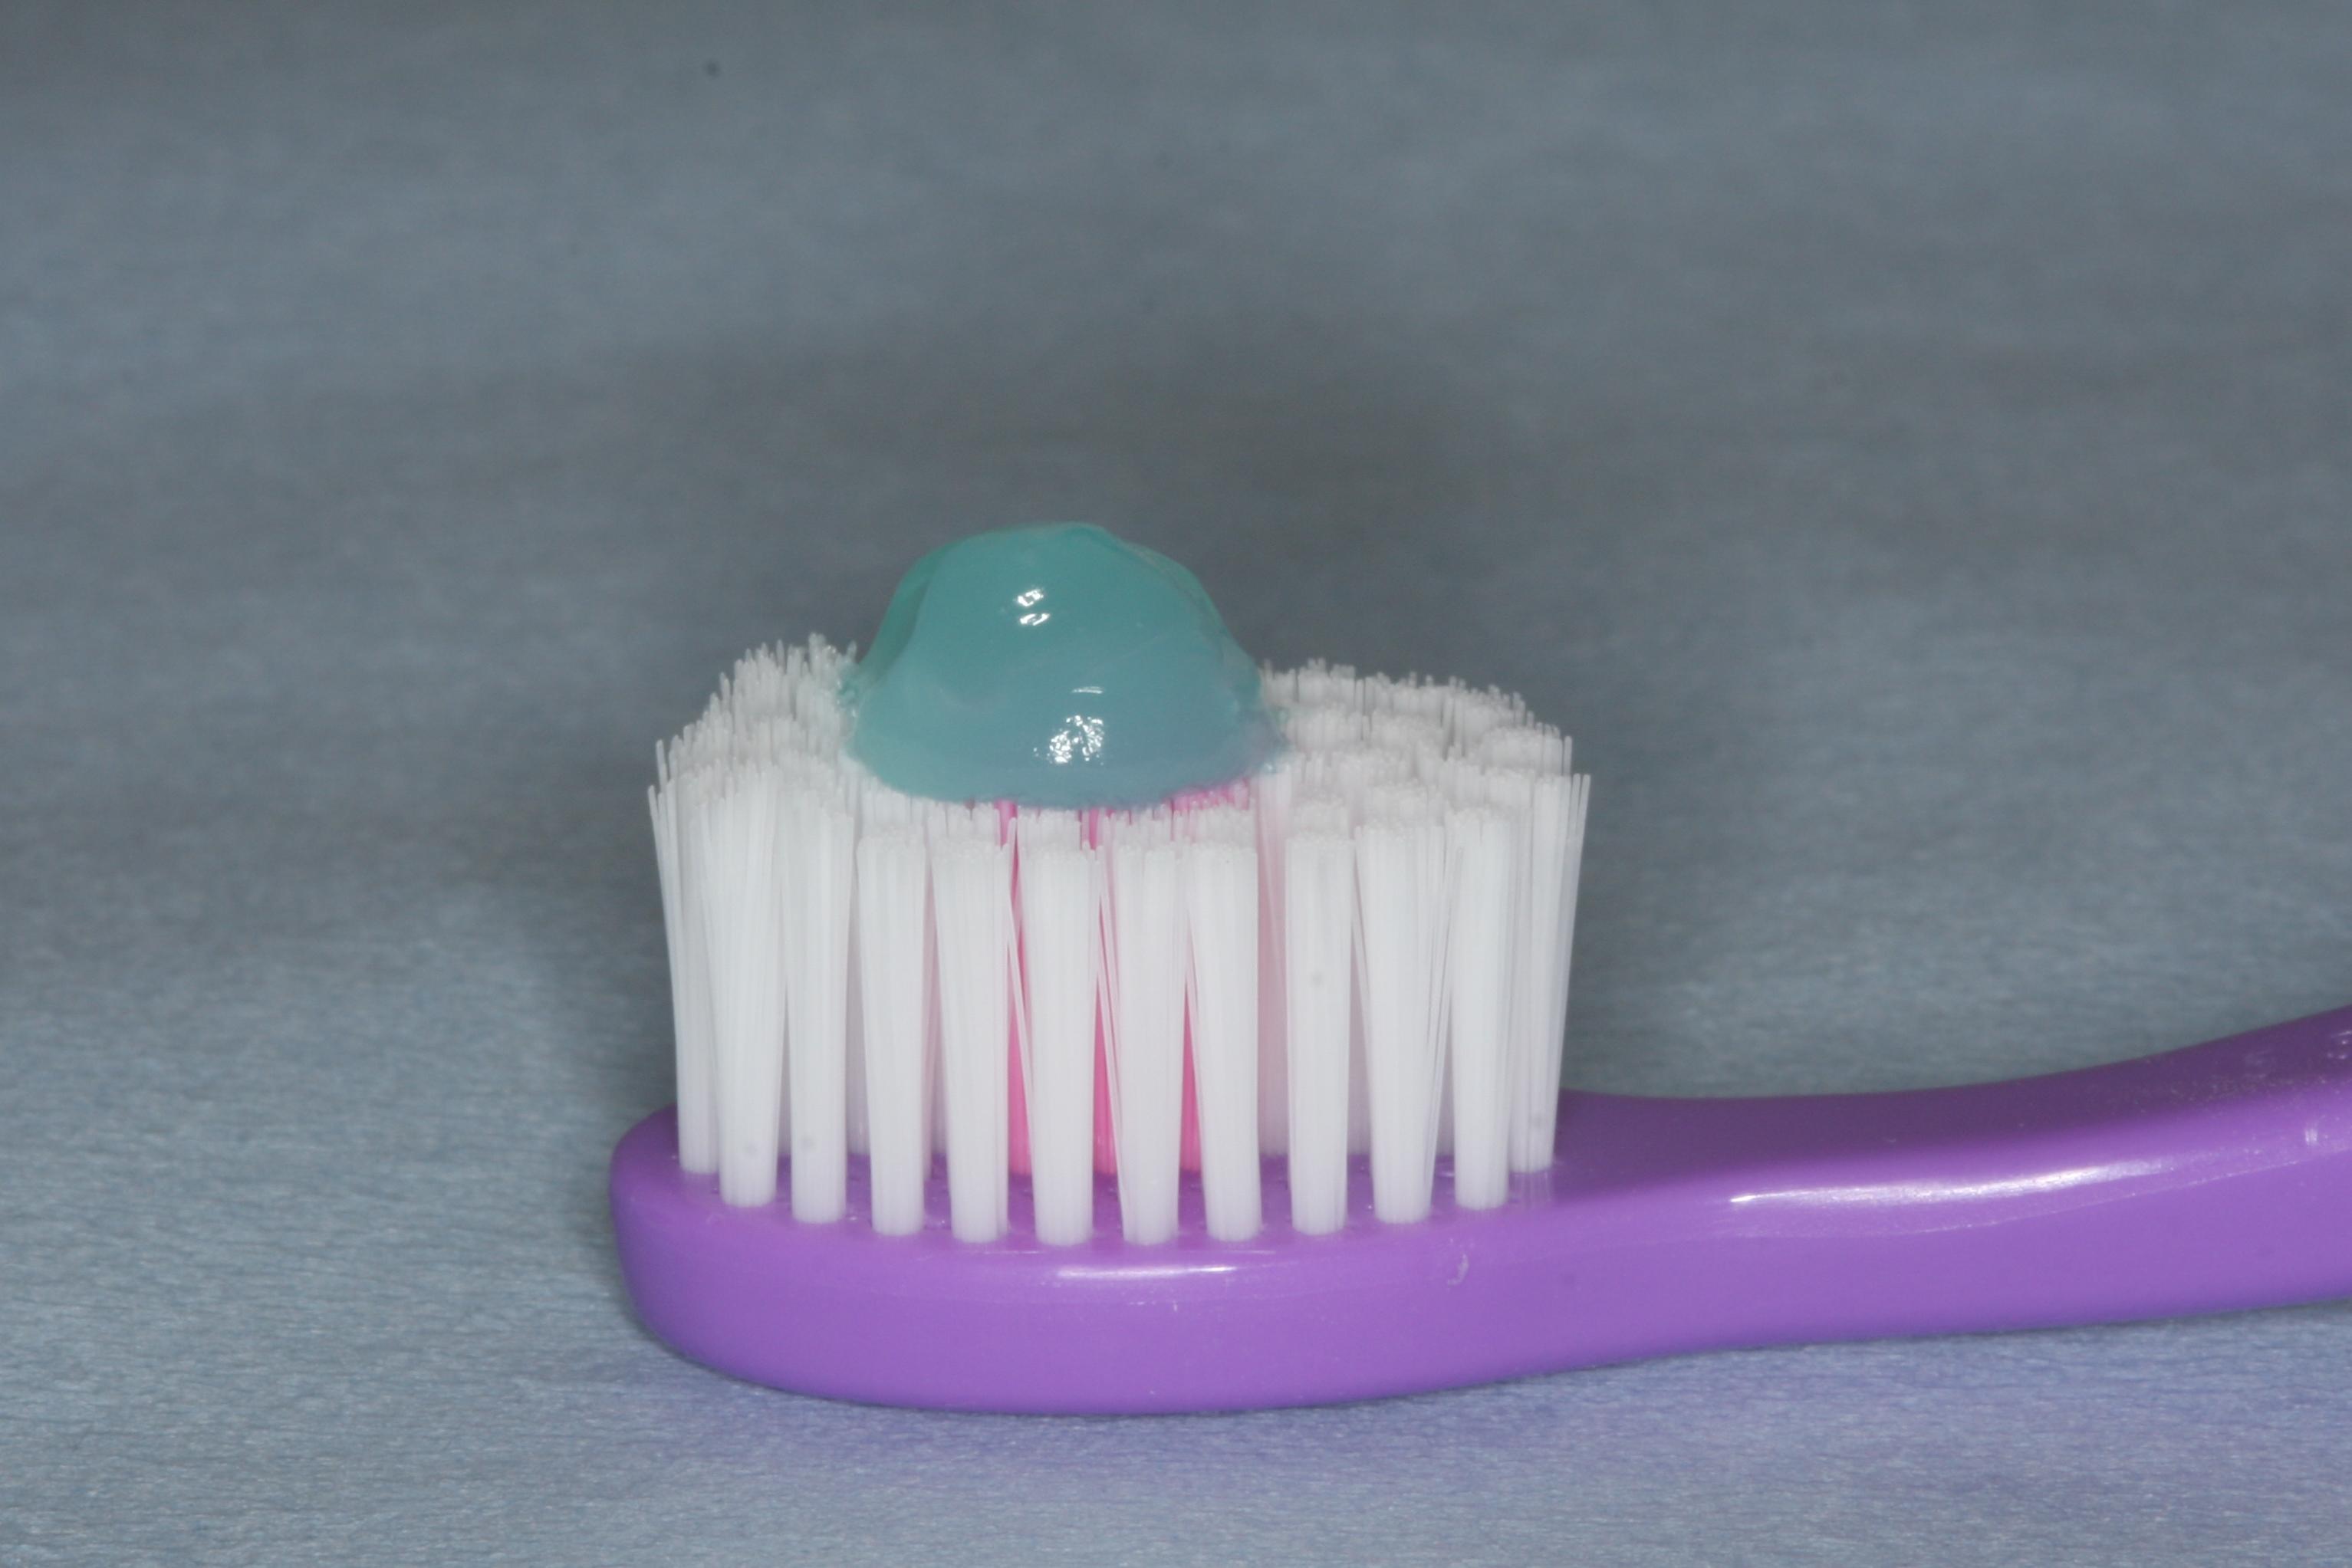 Ertestor-mengde-tannkrem-barneborste.jpg